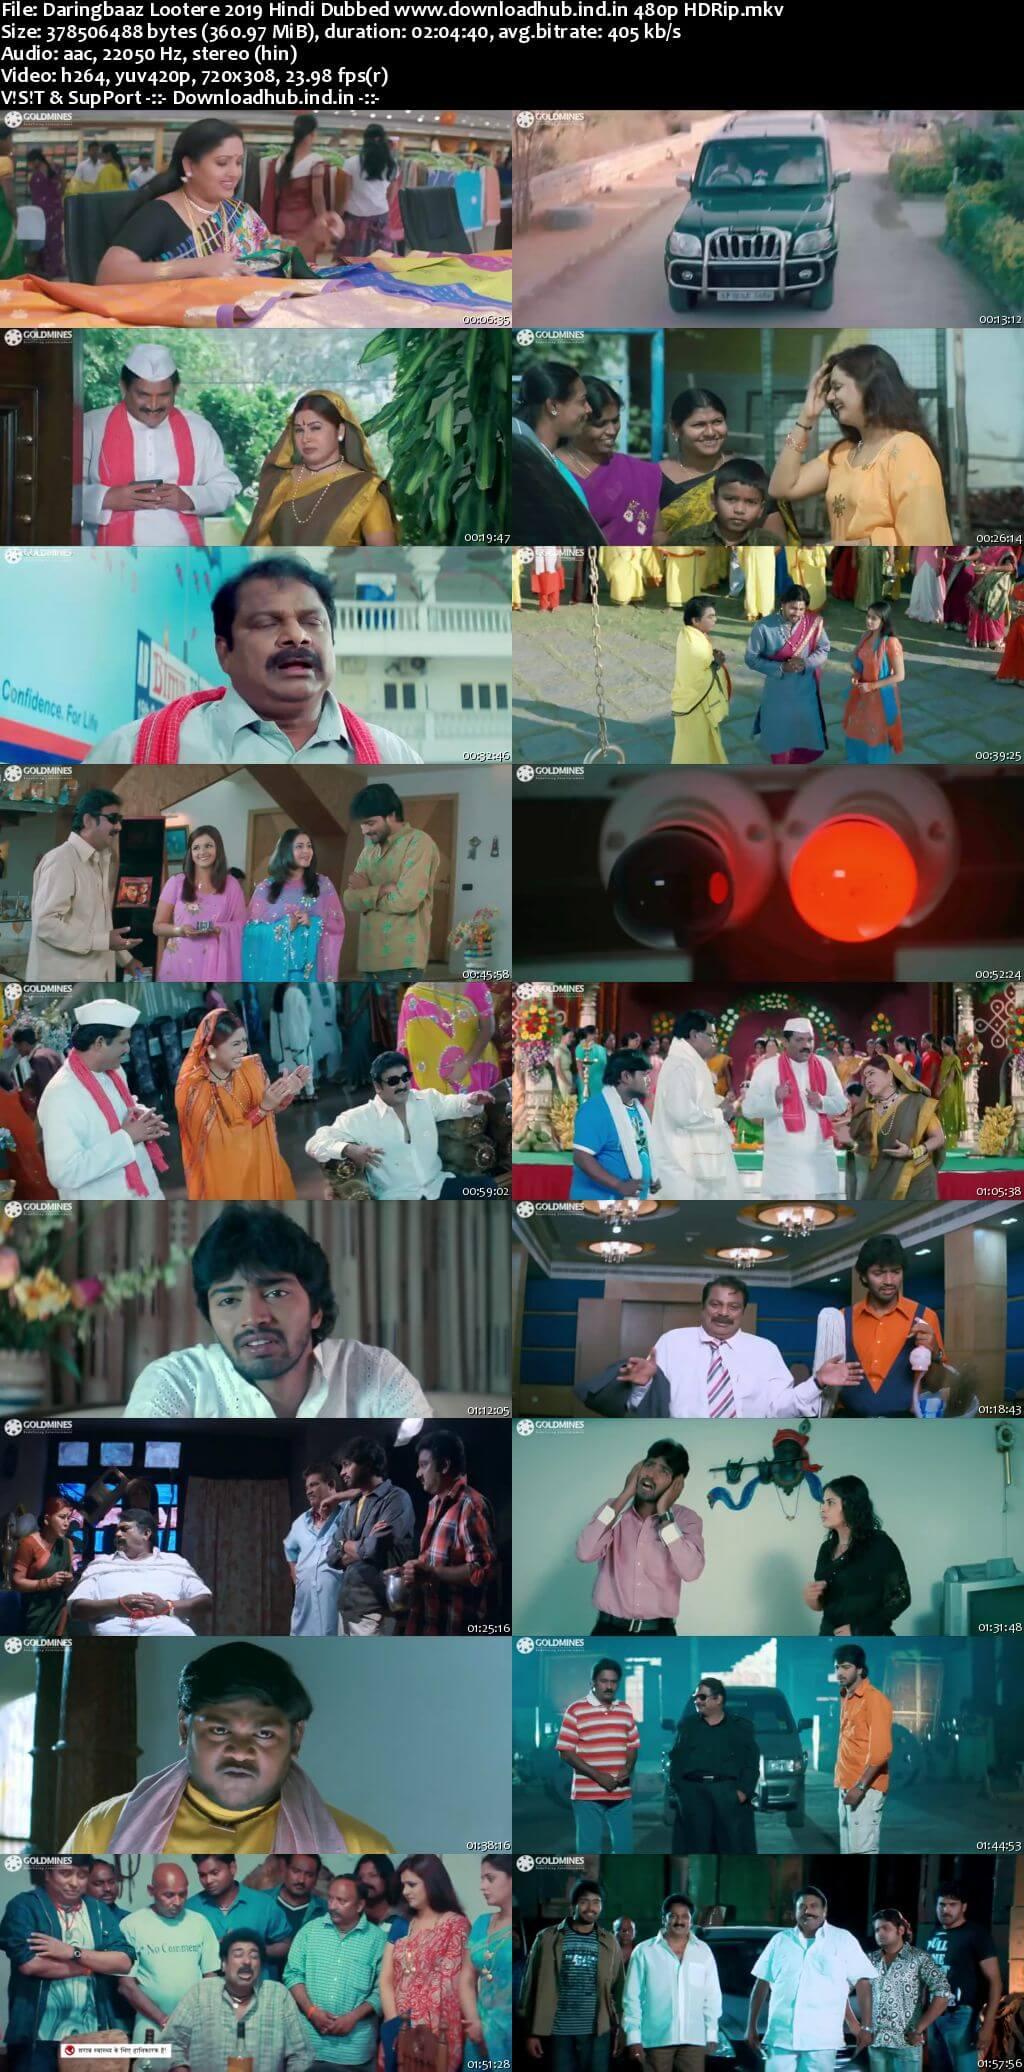 Daringbaaz Lootere 2019 Hindi Dubbed 350MB HDRip 480p